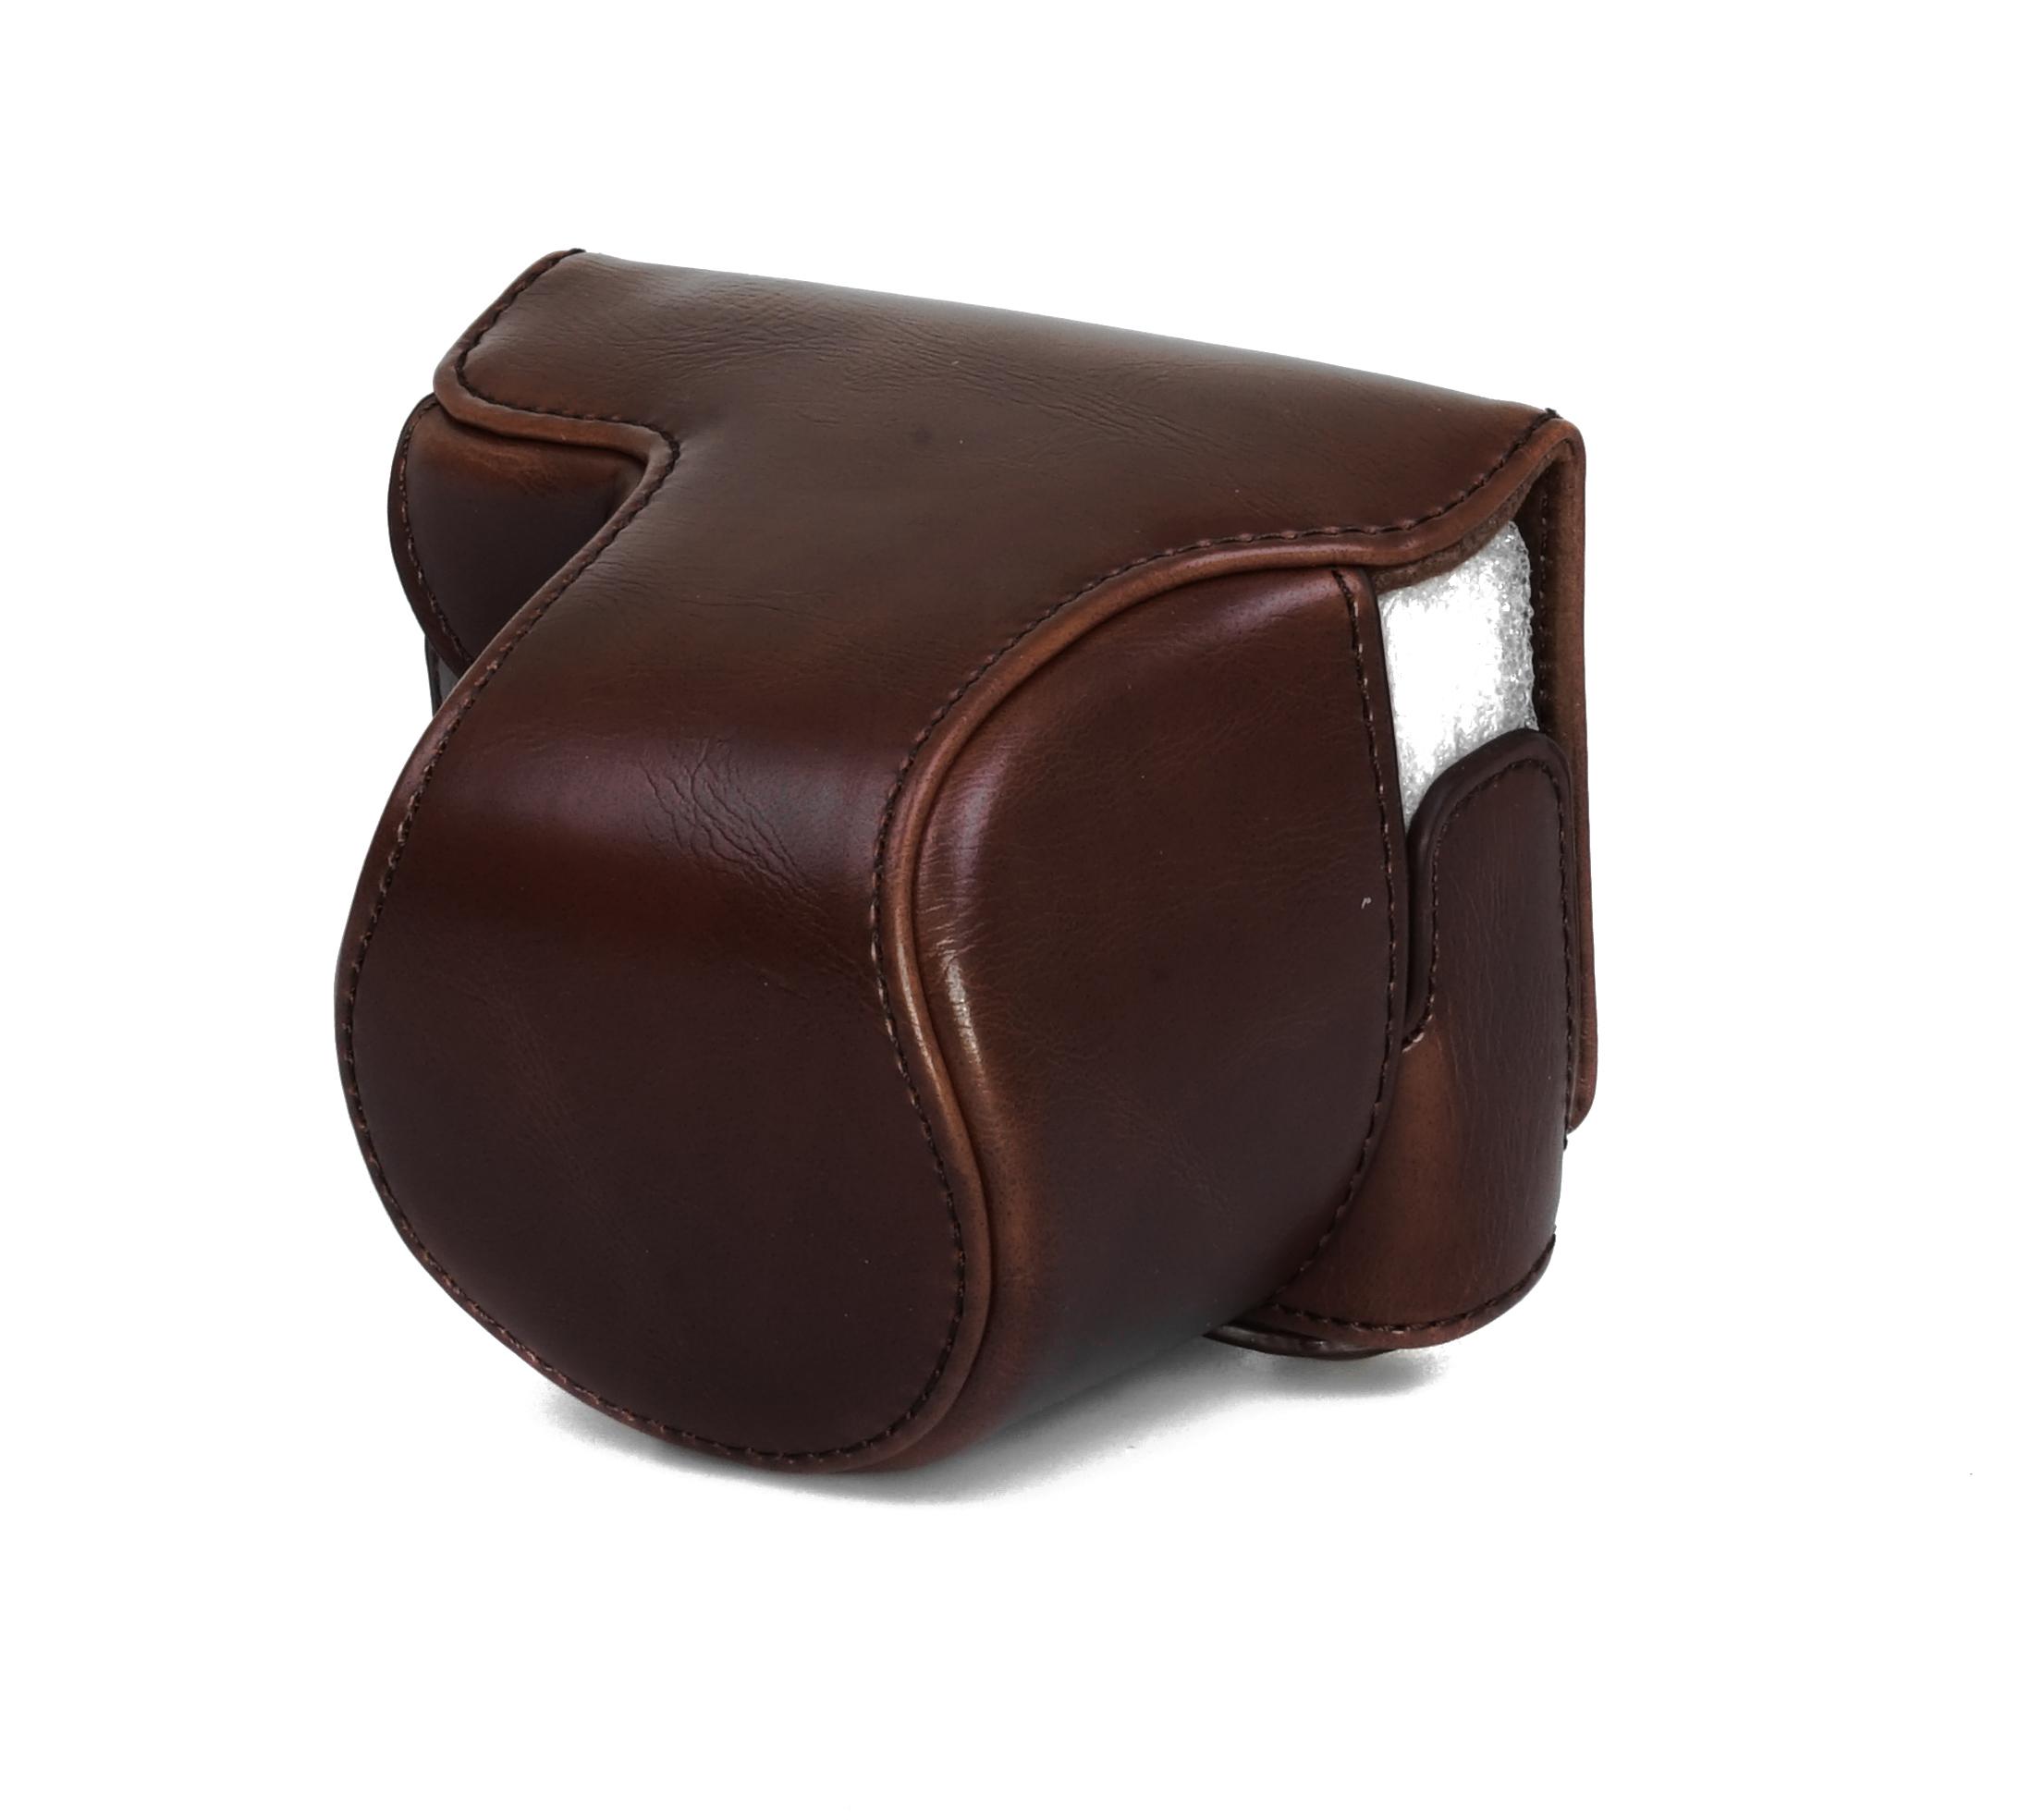 Panasonic Lumix Gm1 Leather Case